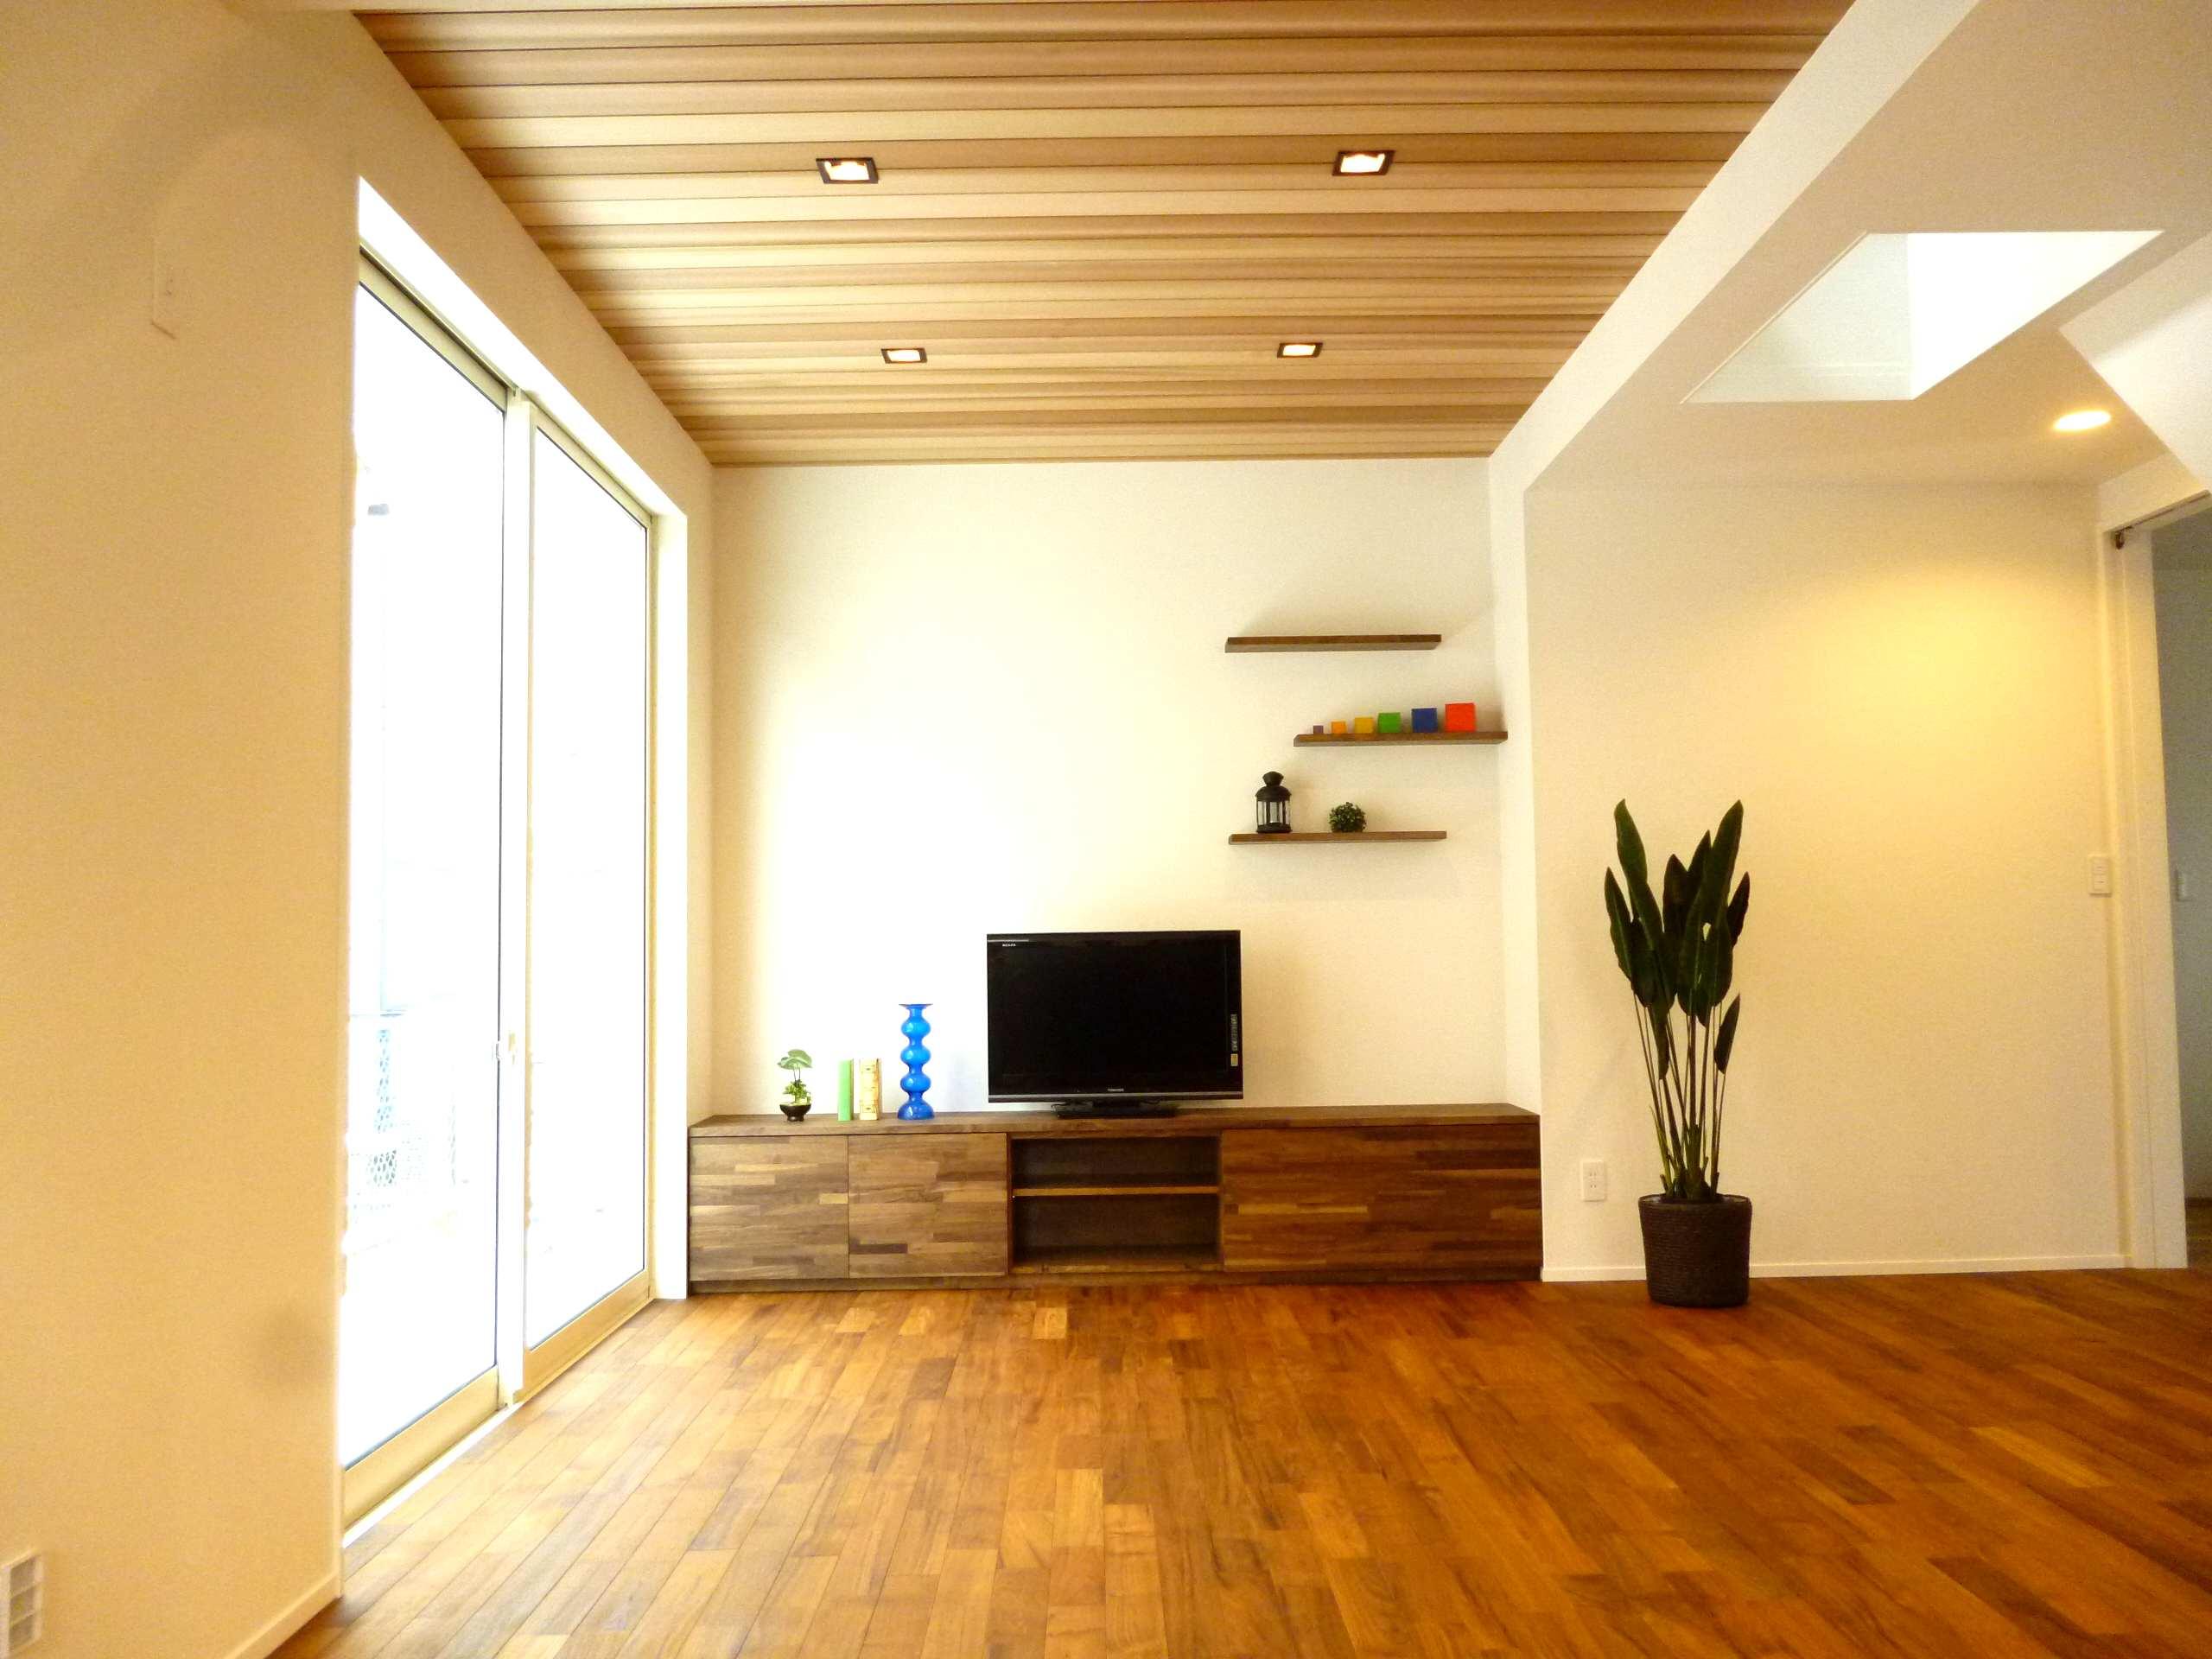 セレクトハウス リビング フローリング床材 無垢チーク材